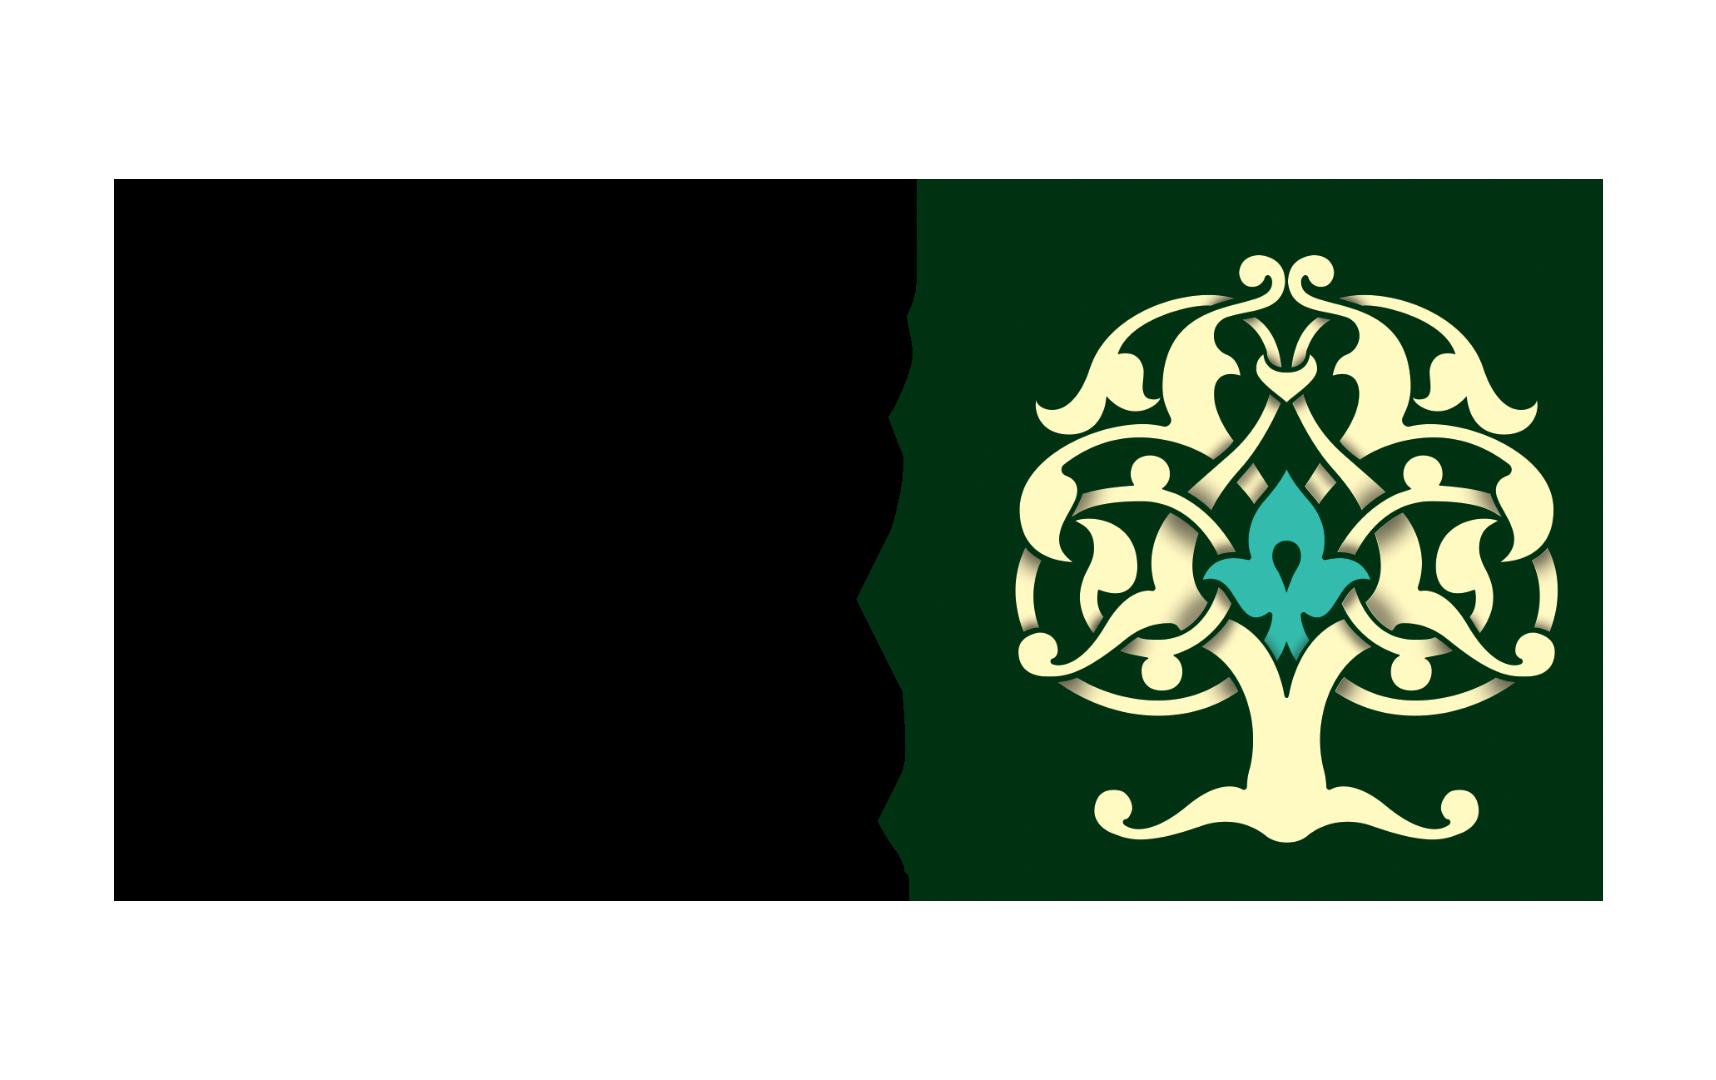 معرفی لوگوی اقامتگاه بوم گردی شاه رستم